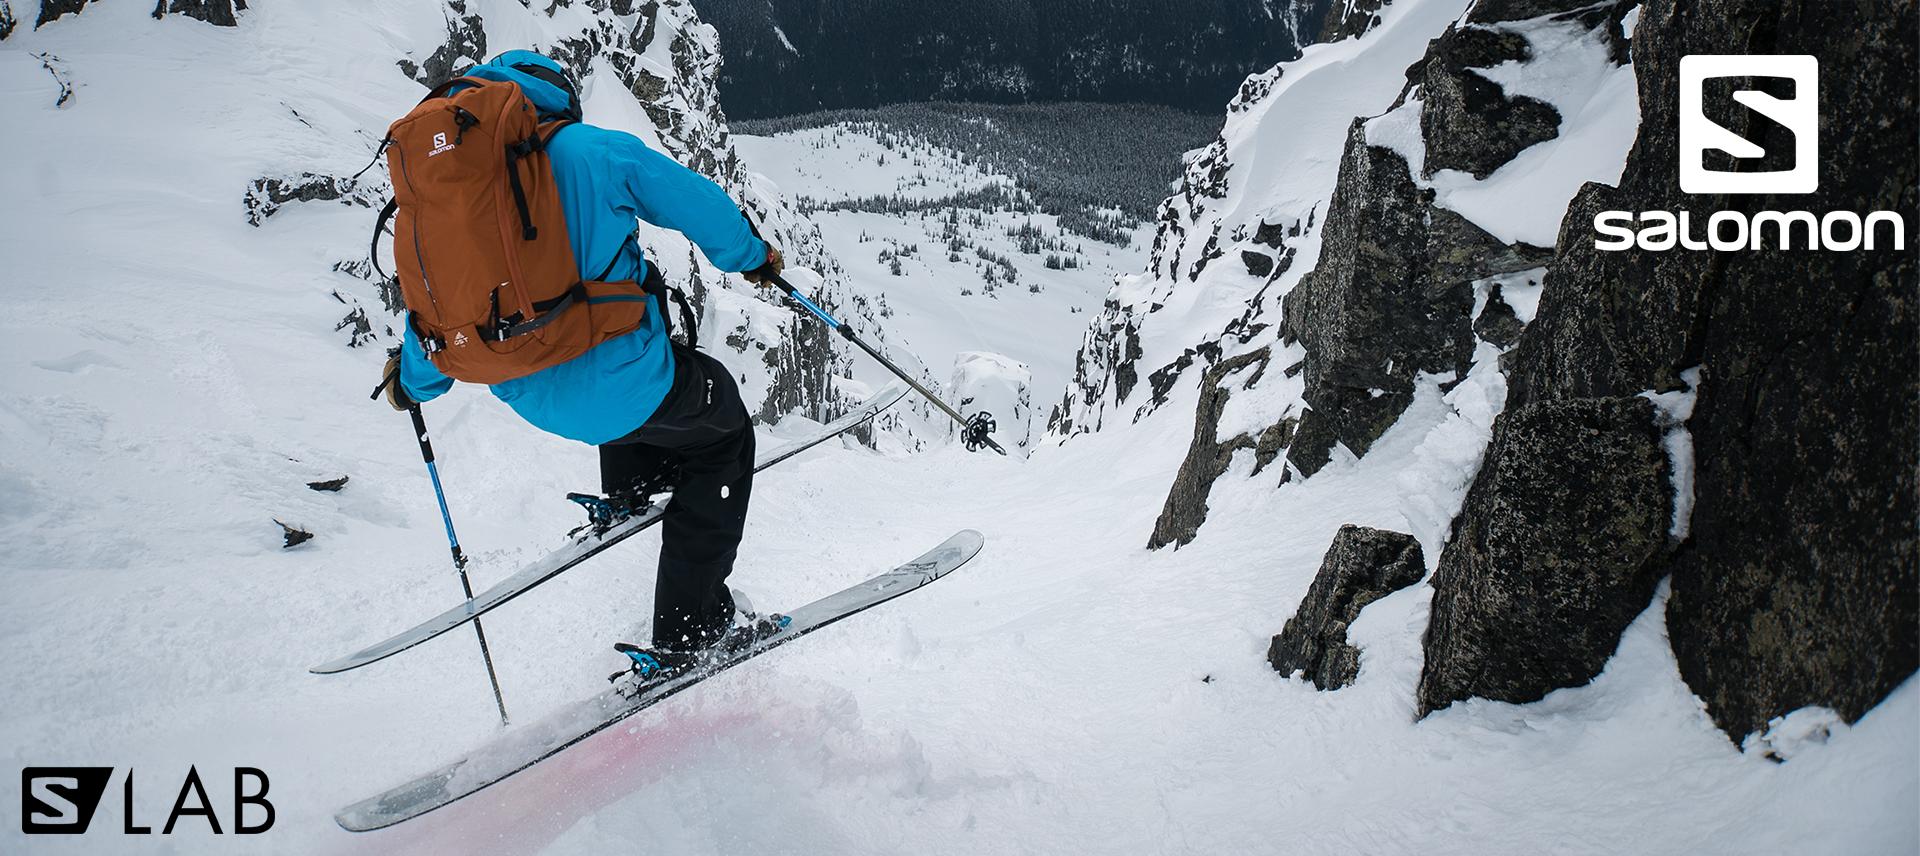 Unique Expertise in Skiing Equipment